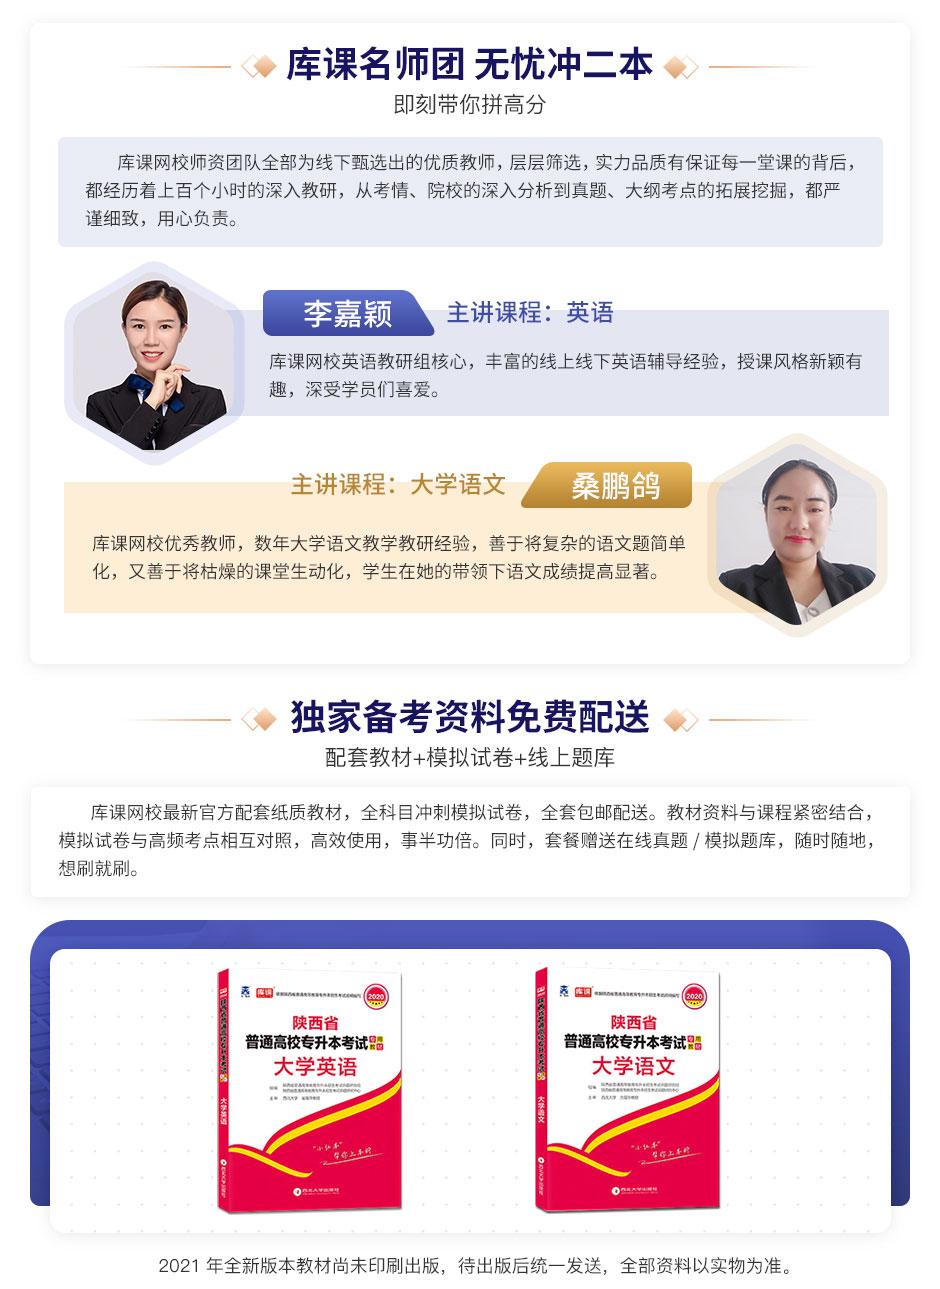 陕西vip-语文_05.jpg